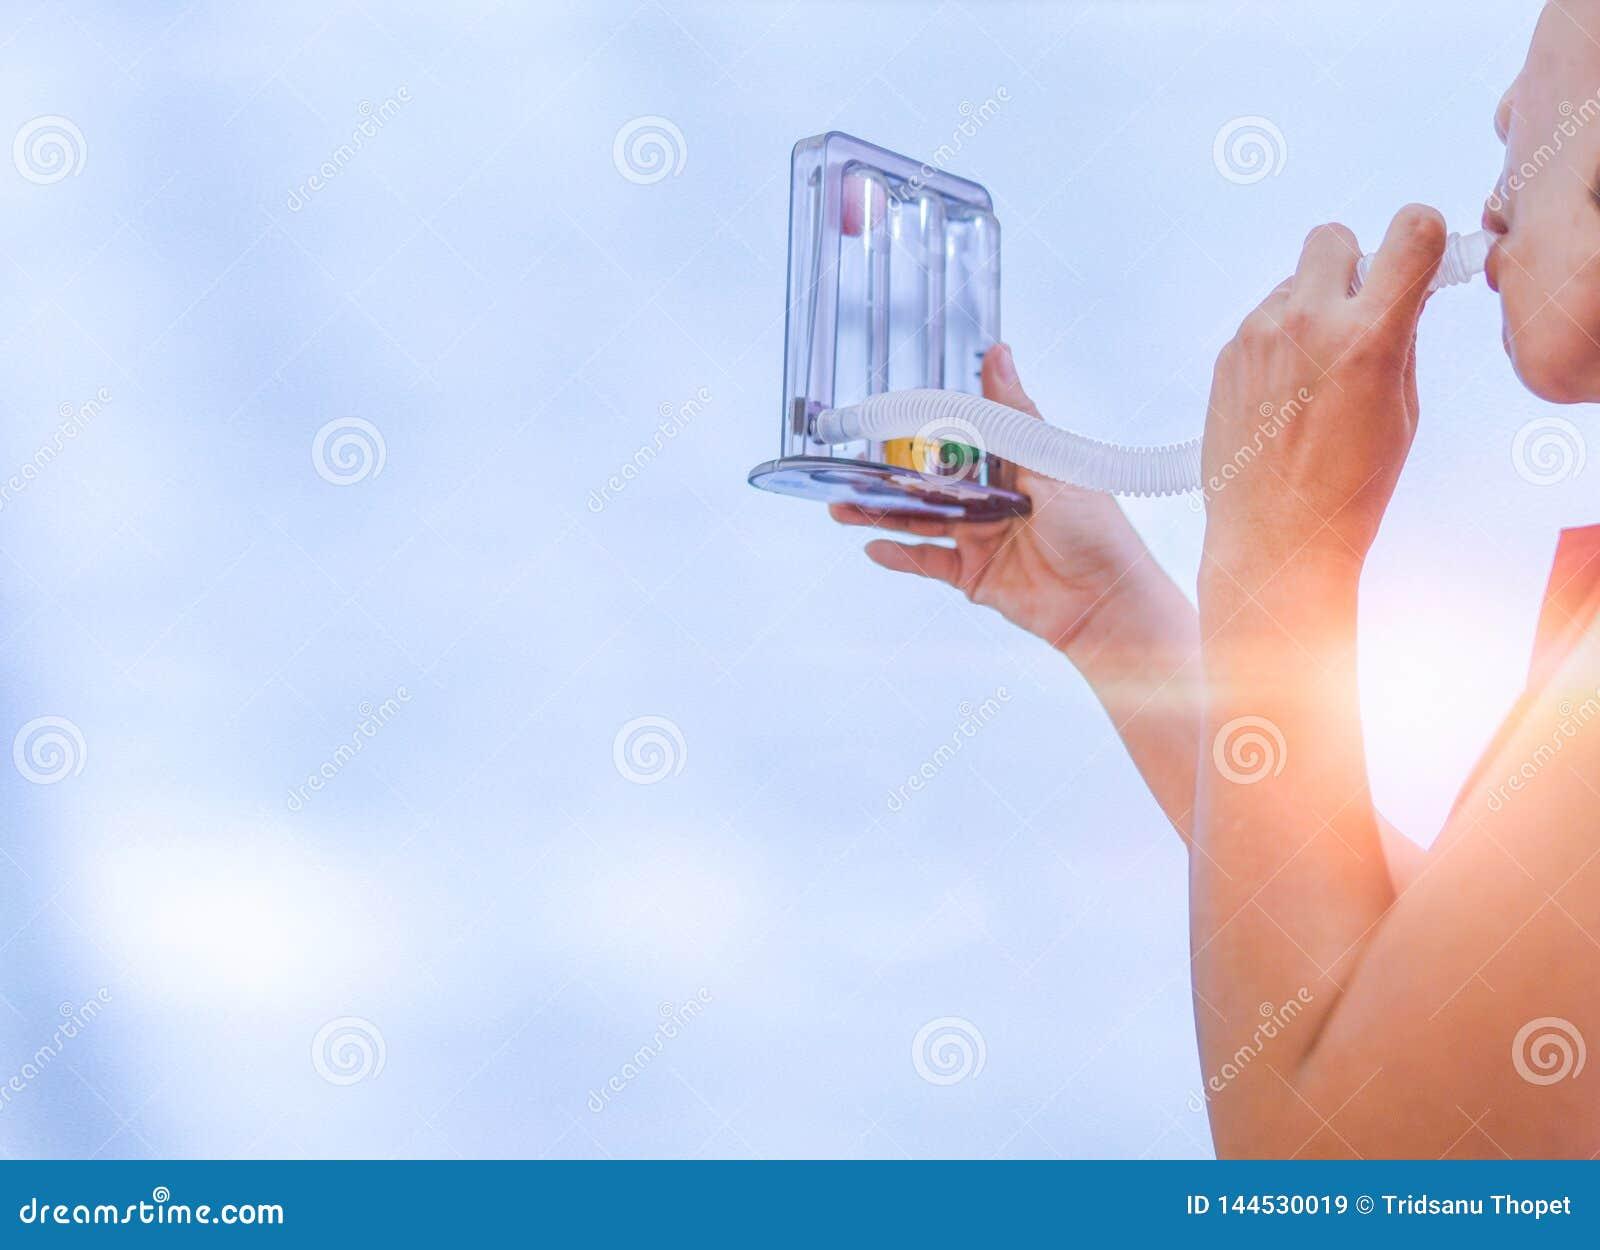 Femme tenant le triflow et respirant profondément